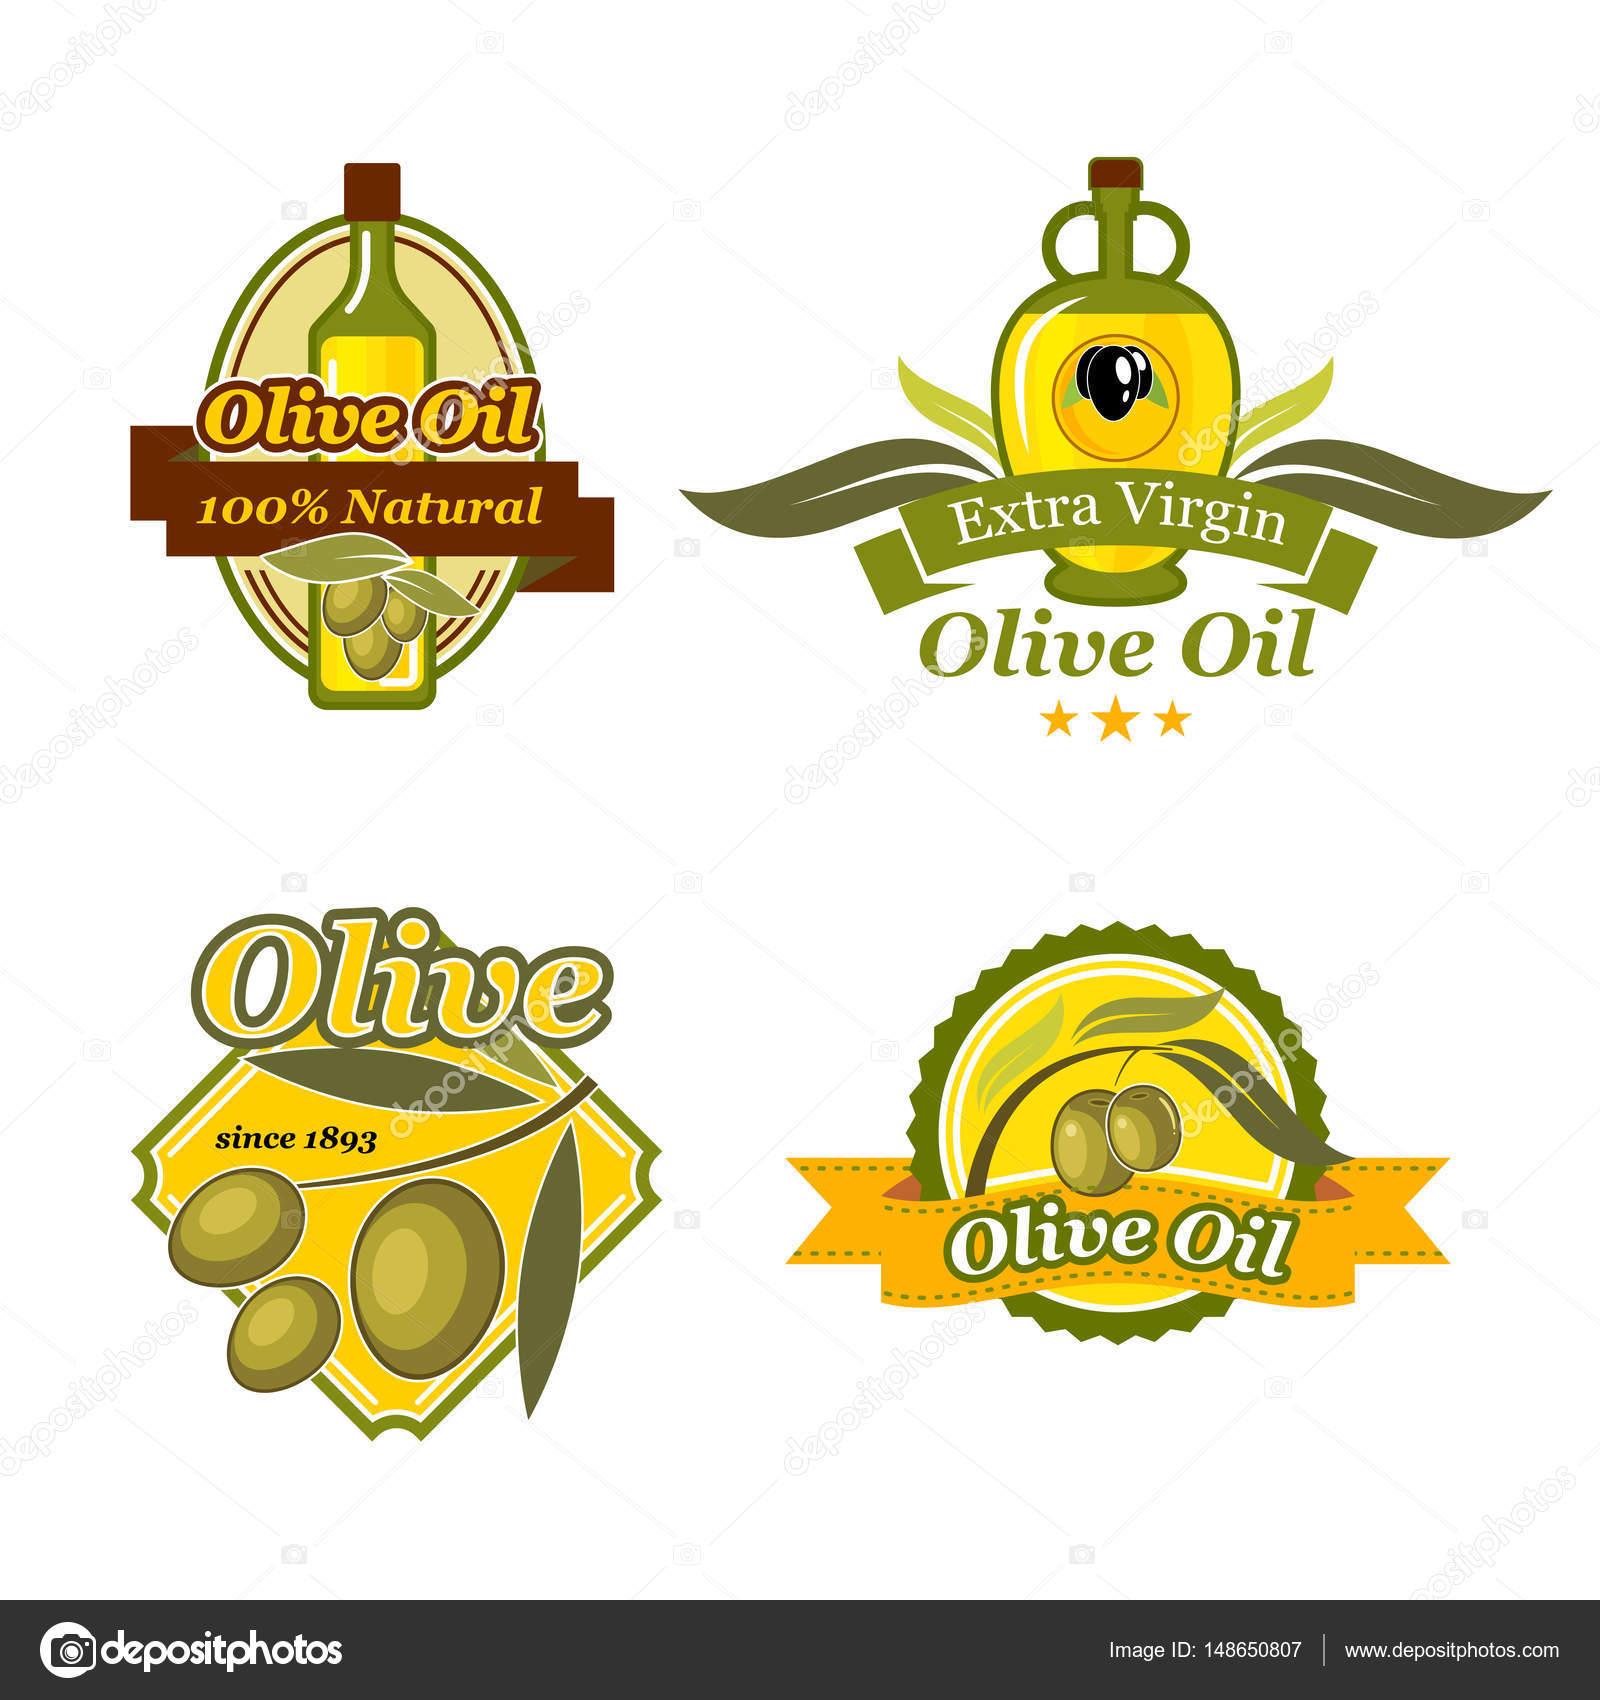 Olive oil emblem set for bottle label design stock vector olive oil emblem set for bottle label design stock vector buycottarizona